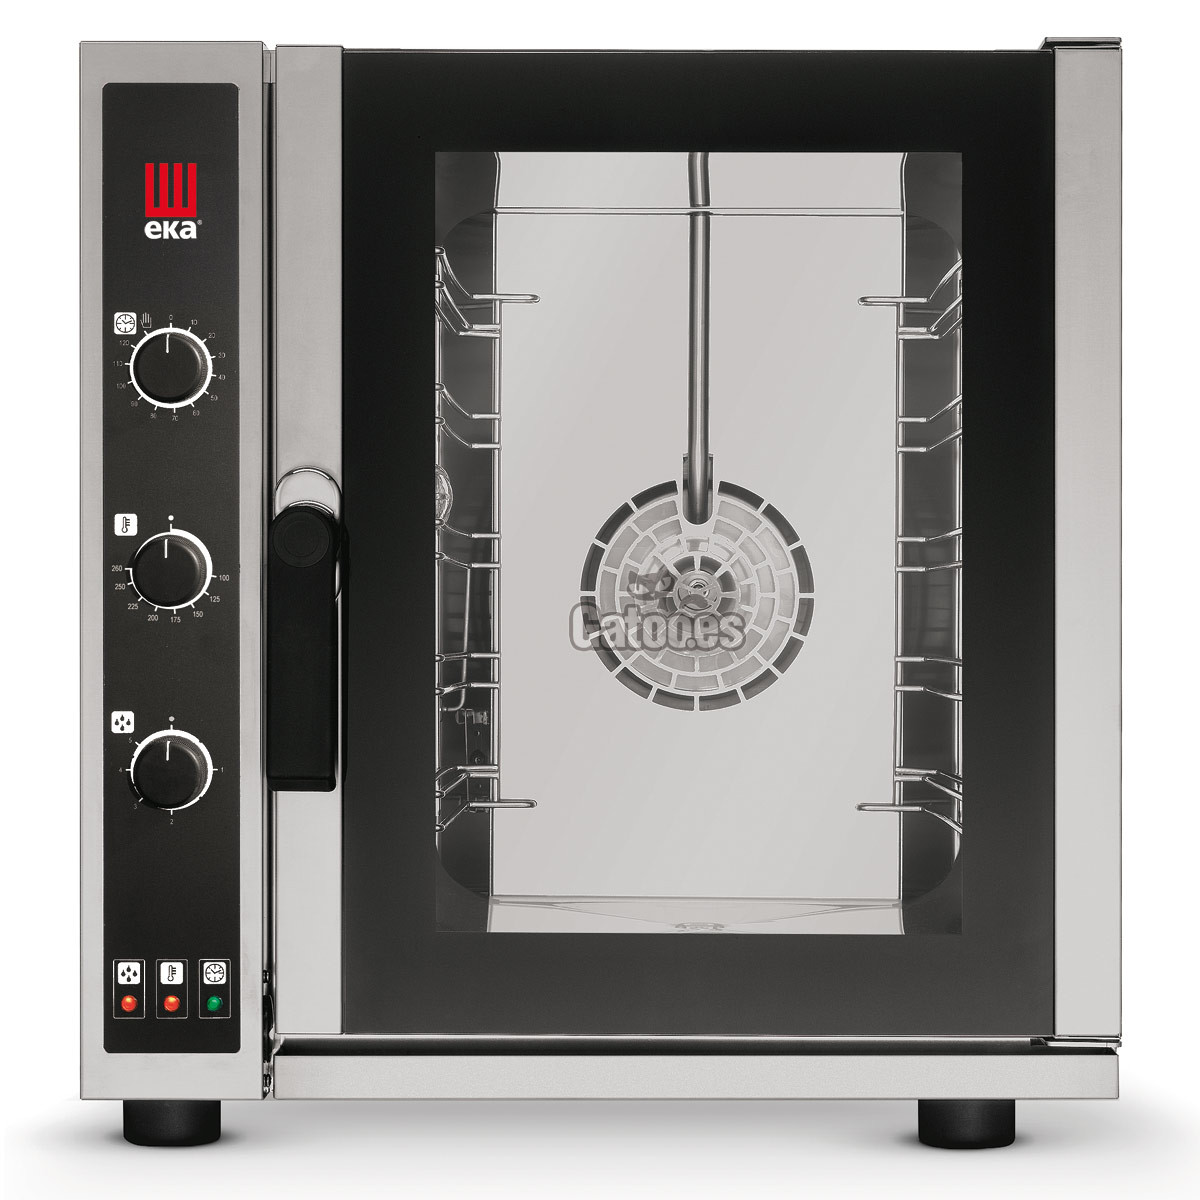 Horno de Cocina profesional de 5 bandejas gastronorm 35x33 con vapor. EKA